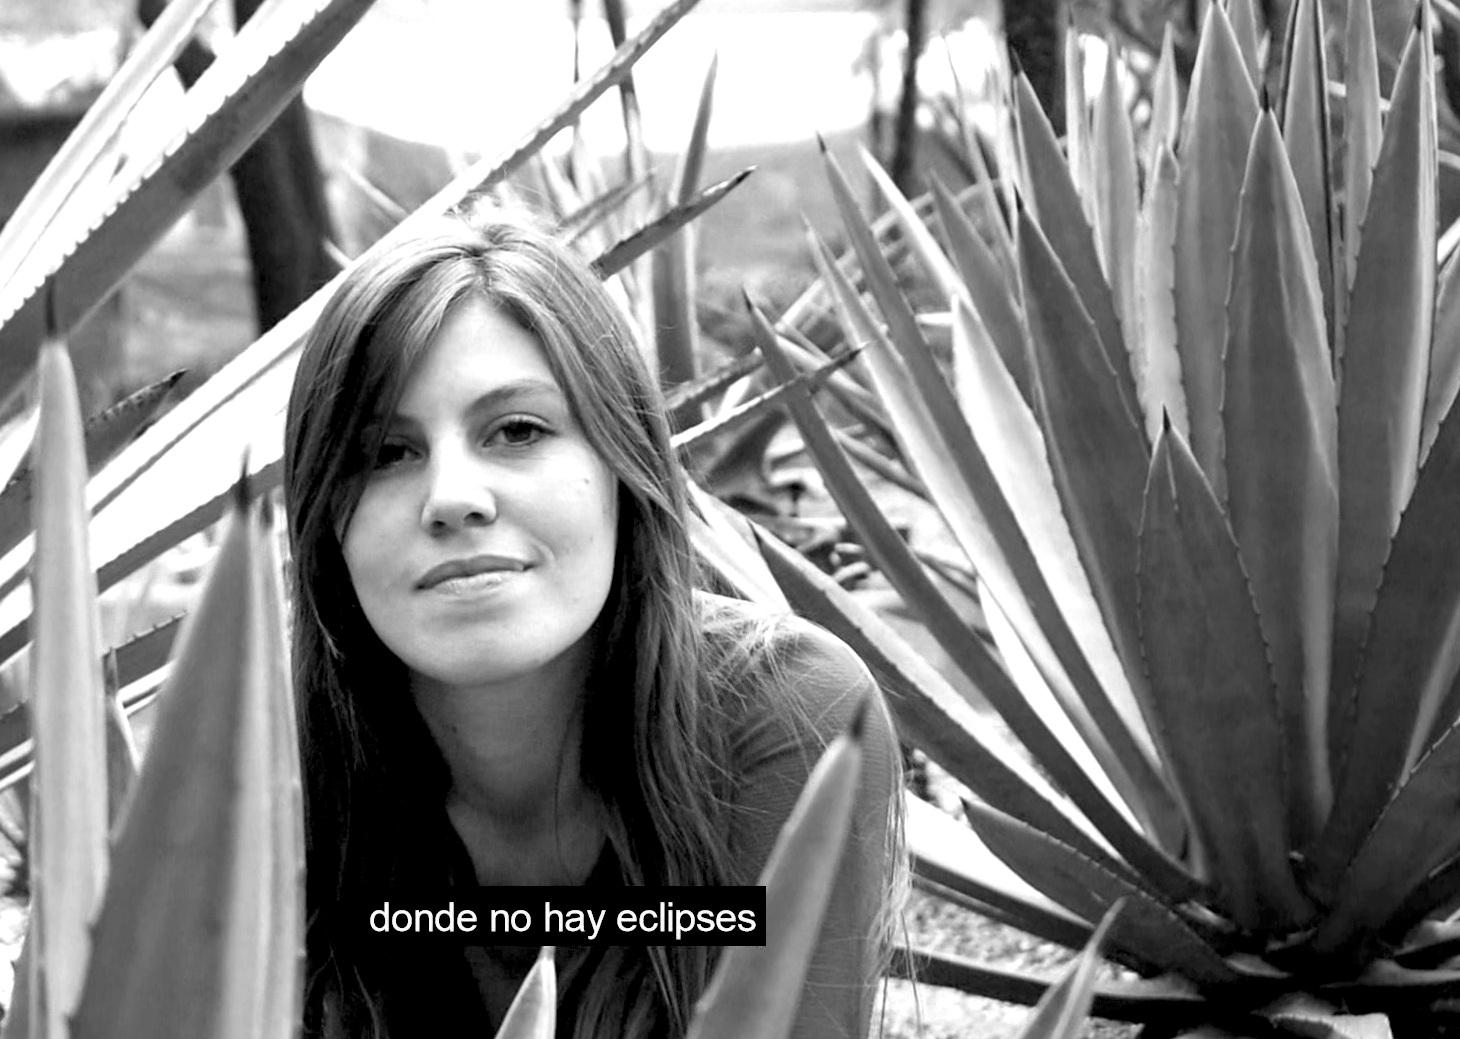 Alba De Silva Actriz Porno El Reflejo Del Vicio poema   revista de literatura y arte